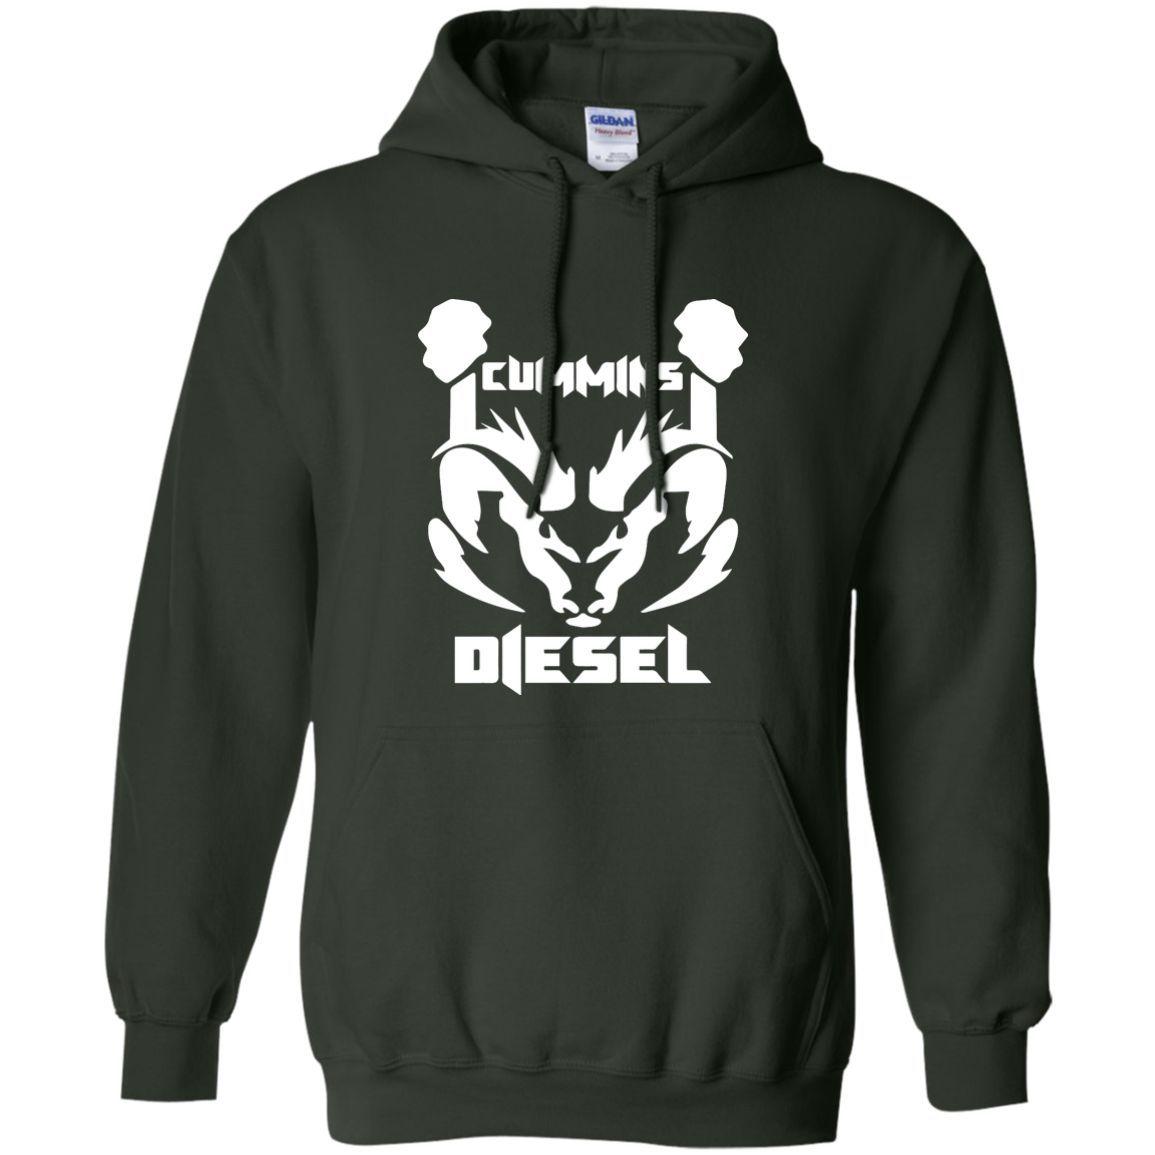 Cummins Diesel G185 Gildan Pullover Hoodie 8 oz.